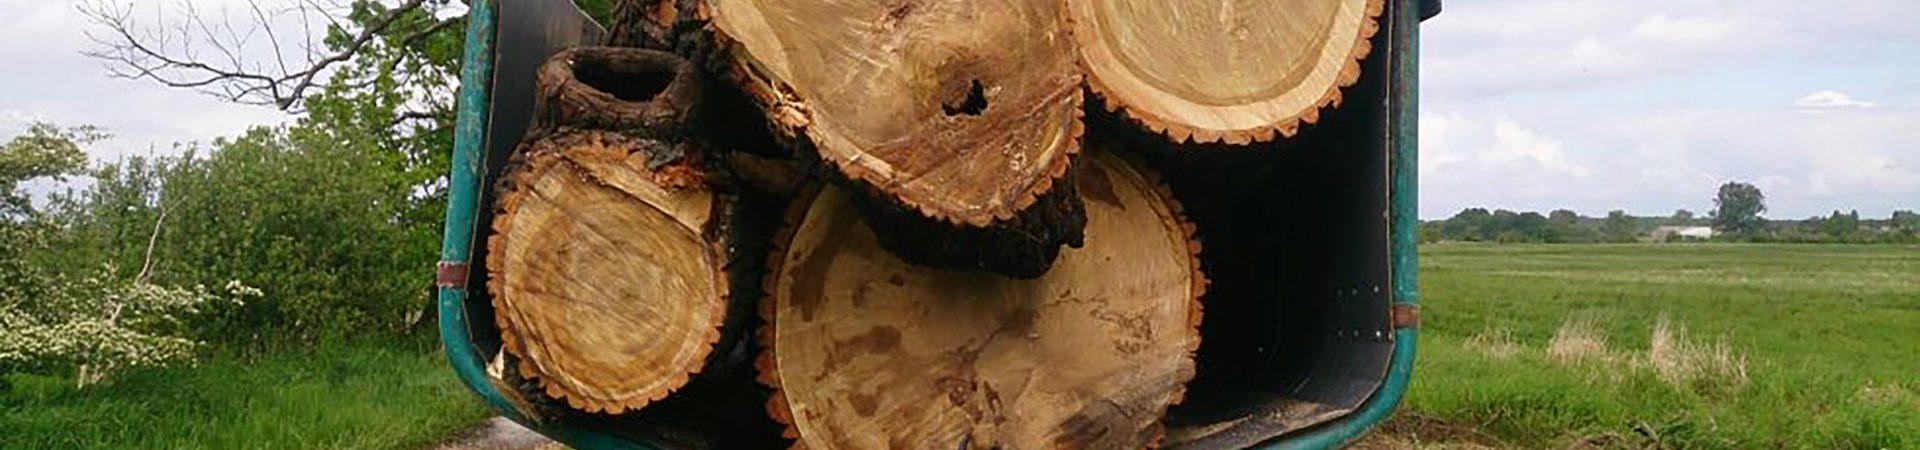 Holzhackschnitzel: umweltfreundlich und nachhaltig